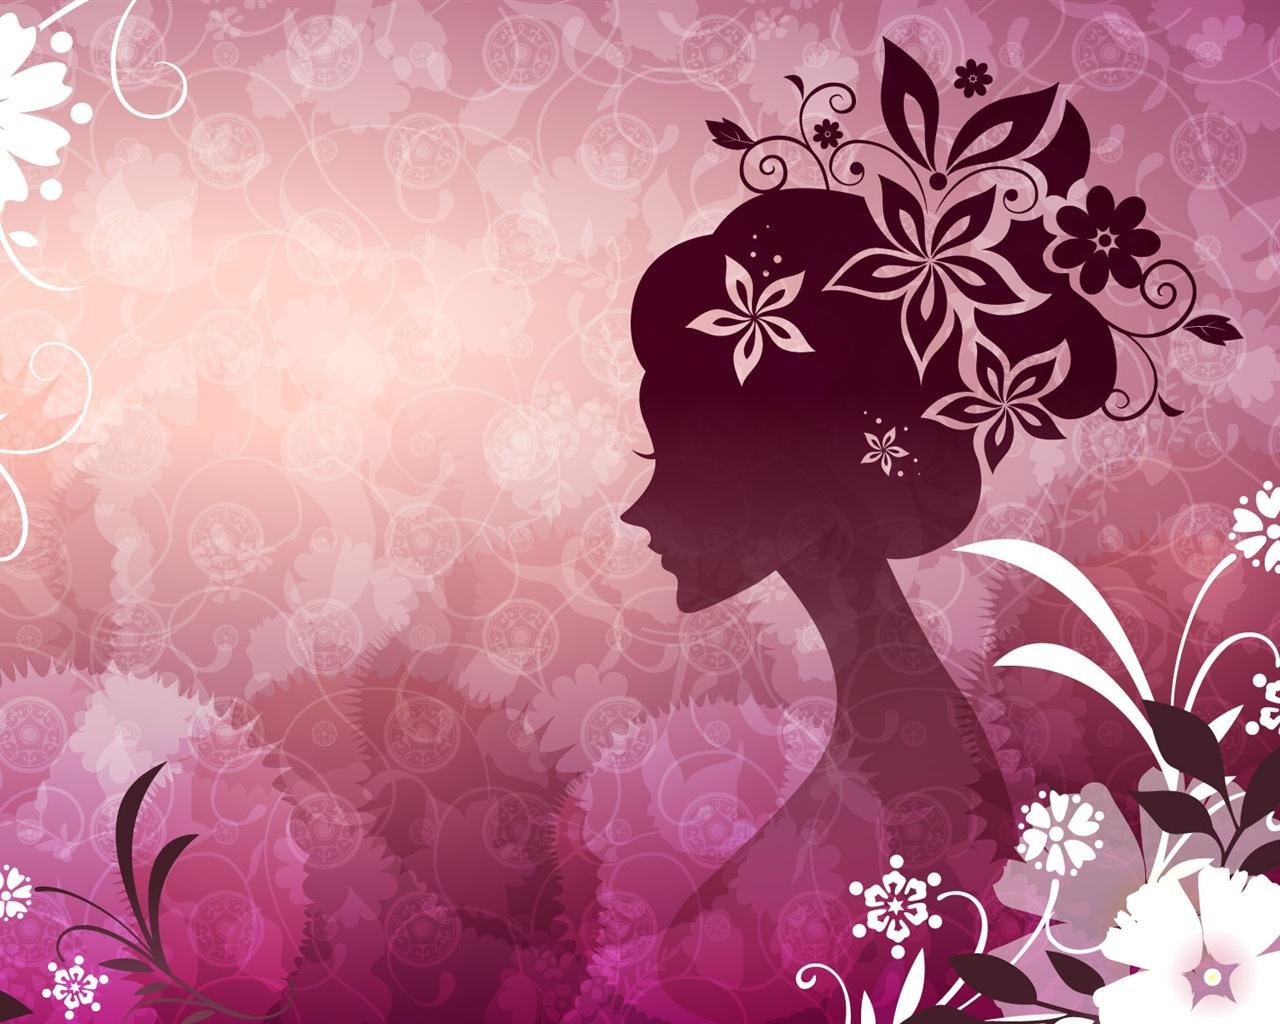 Fondos De Pantalla Rosa: Fondos De Pantalla Vector De La Mujer Con El Tema De